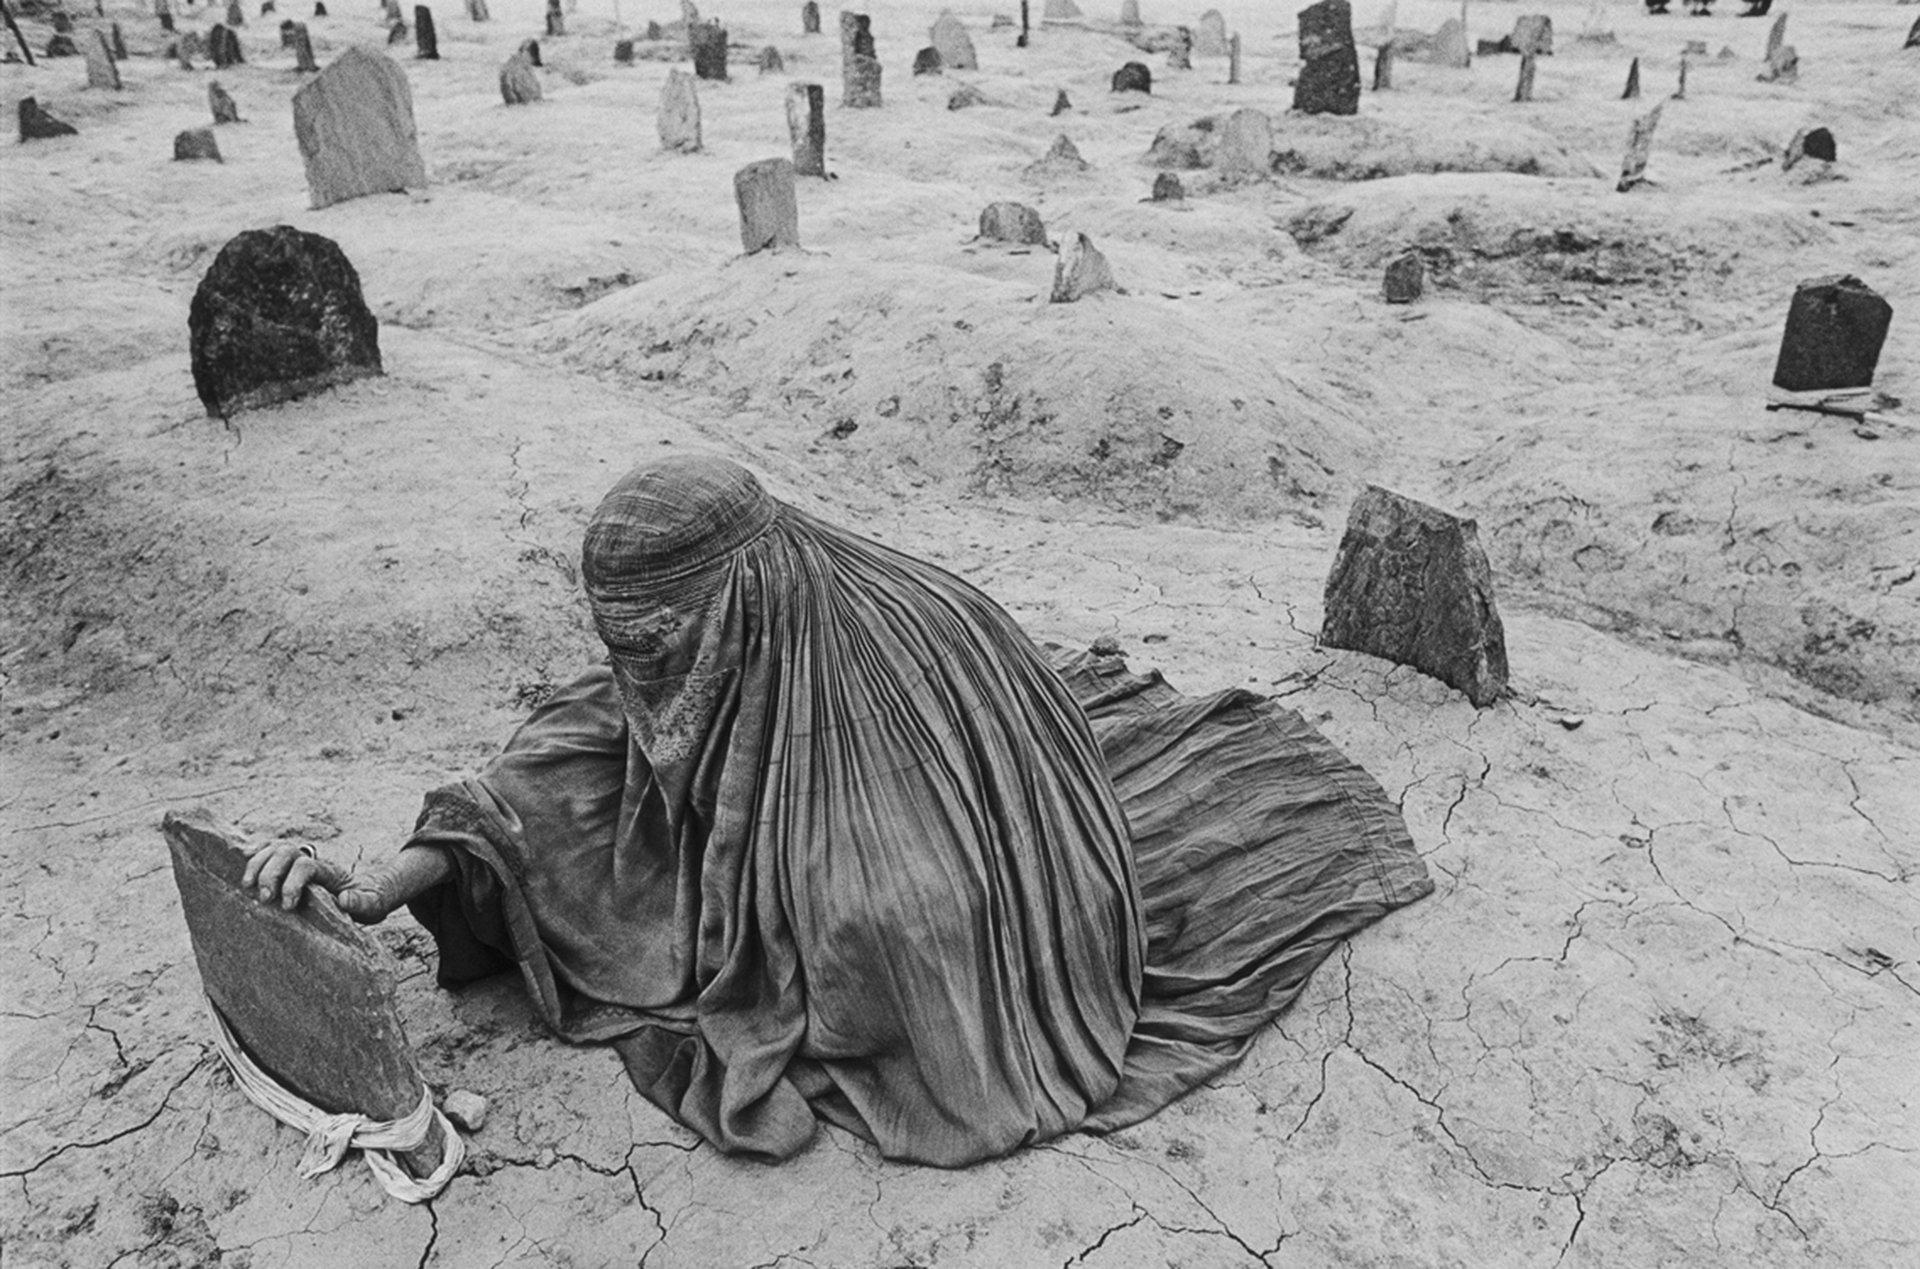 (Afganistán, 1996). Sus trabajos, en su mayoría en blanco y negro, abarcan las guerras de El Salvador, Nicaragua, Guatemala, Líbano, Gaza y Cisjordania, Israel, Haití, Uganda y Chechenia, Afganistán, el genocidio de Ruanda y los fratricidios